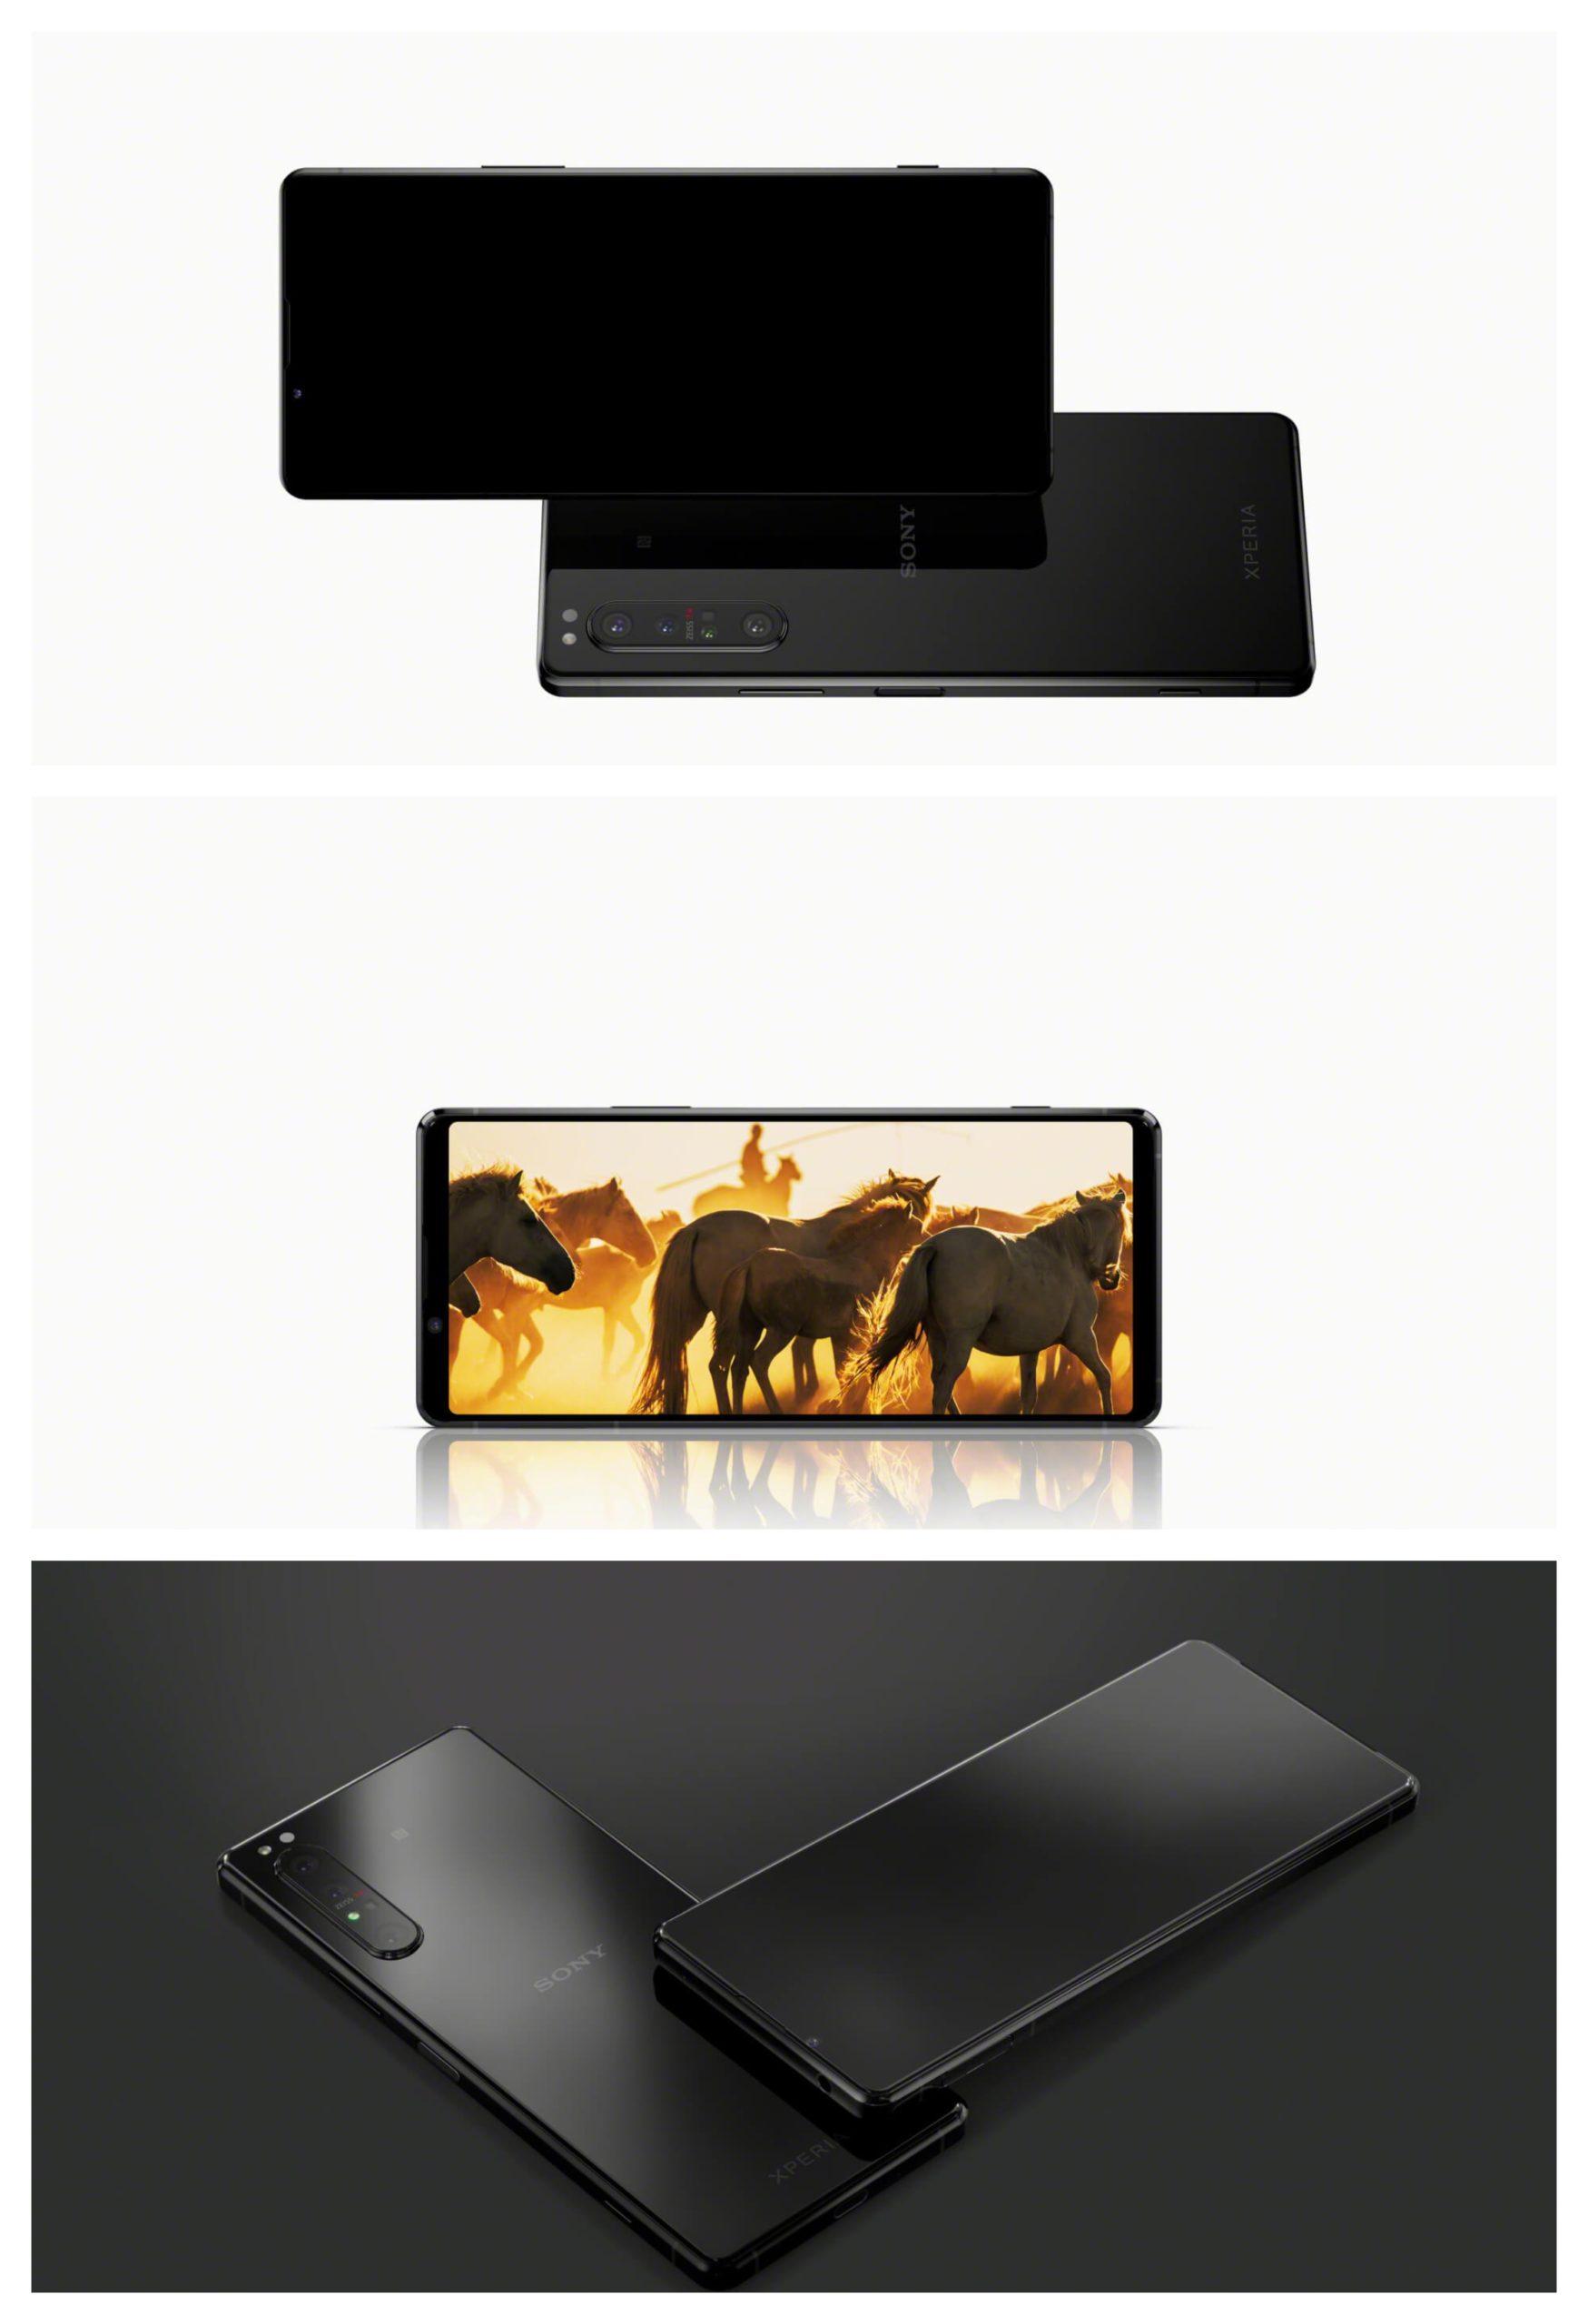 Sony Xperia 1 II image